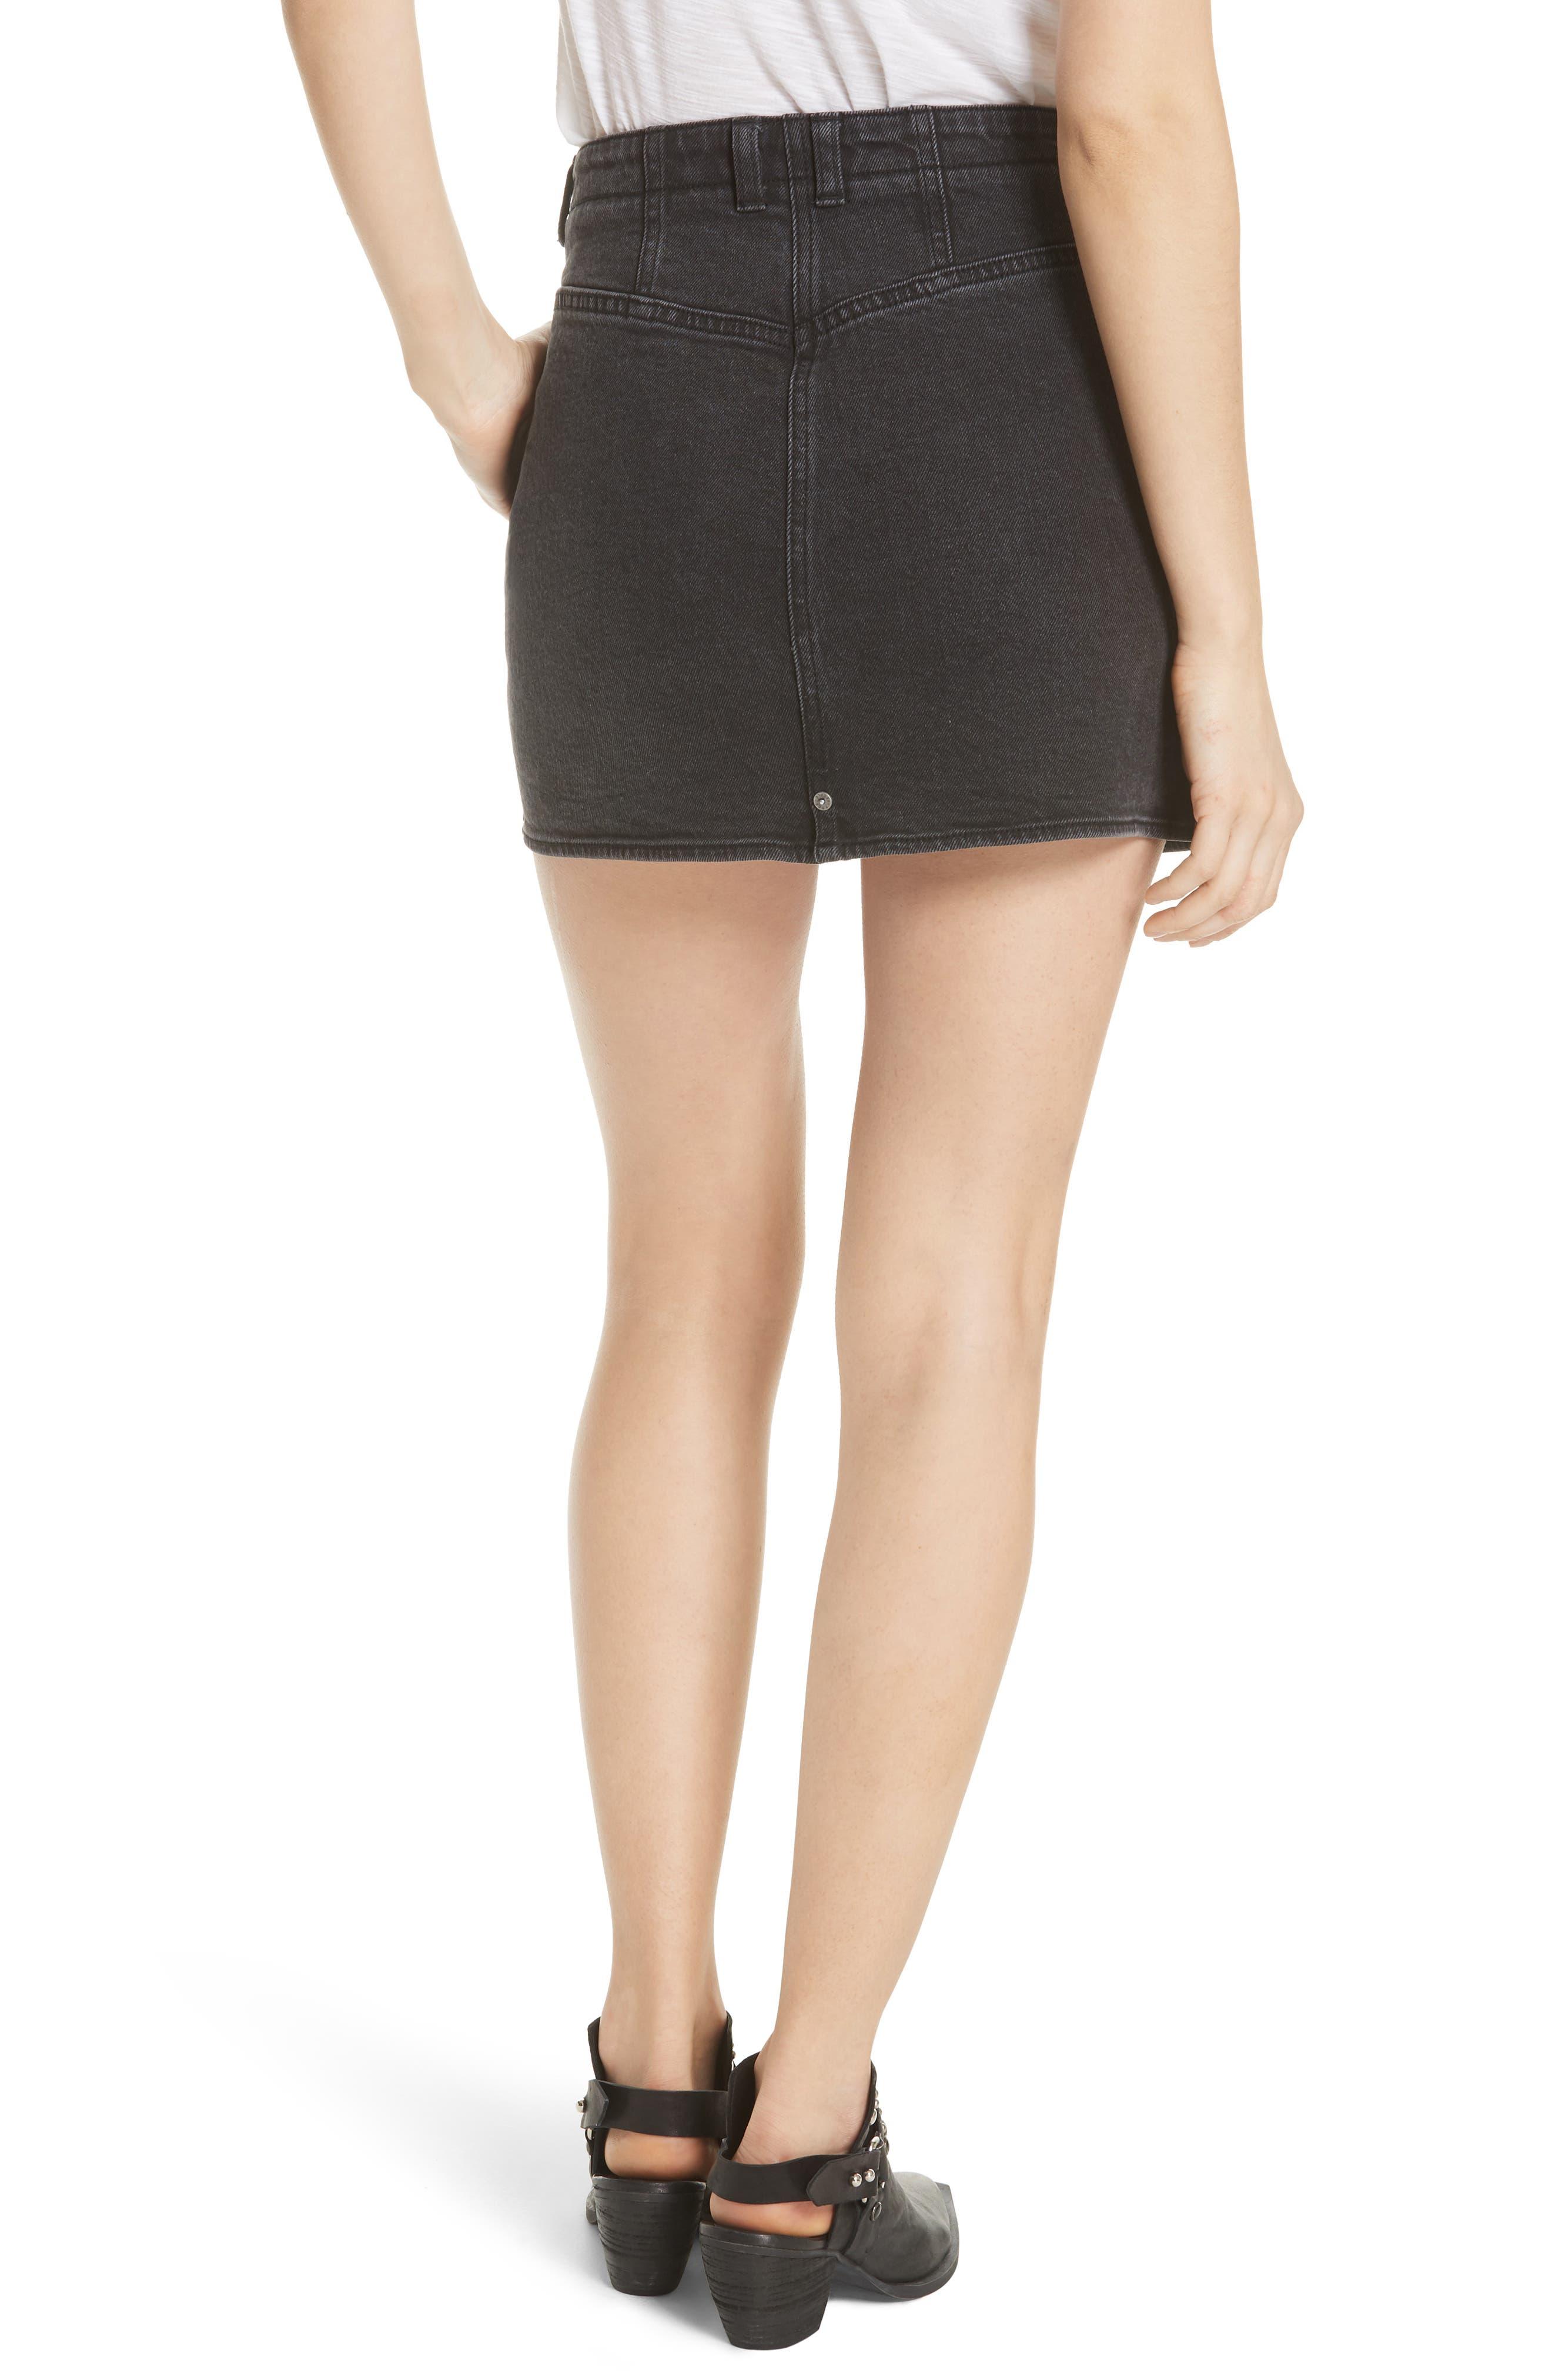 She's All That Denim Miniskirt,                             Alternate thumbnail 2, color,                             Black